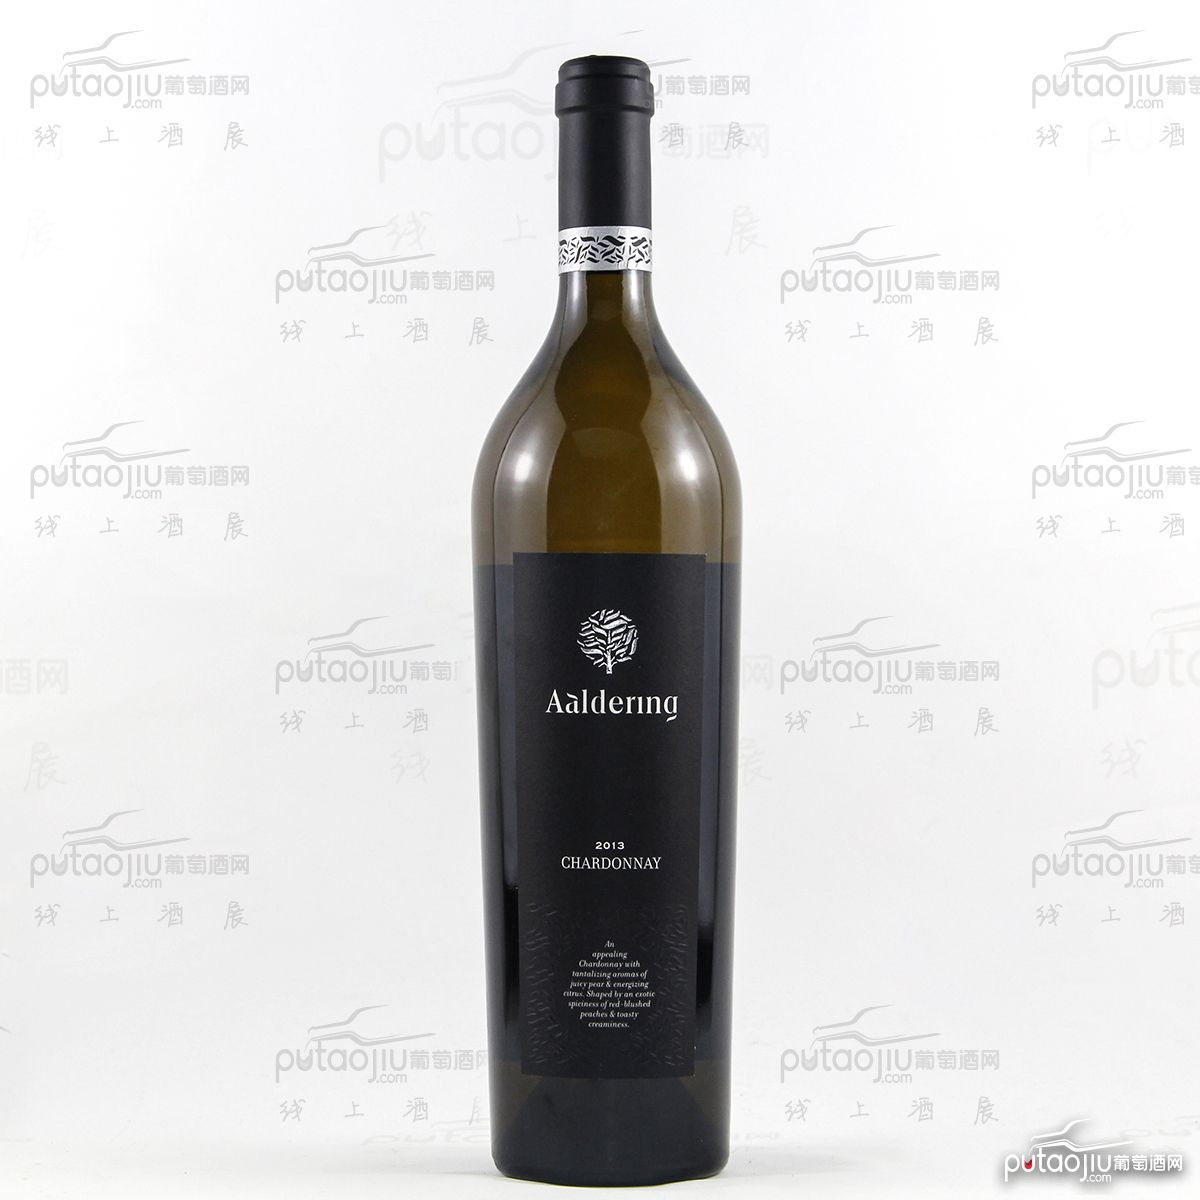 南非斯泰伦博斯奥德琳酒庄霞多丽干白葡萄酒